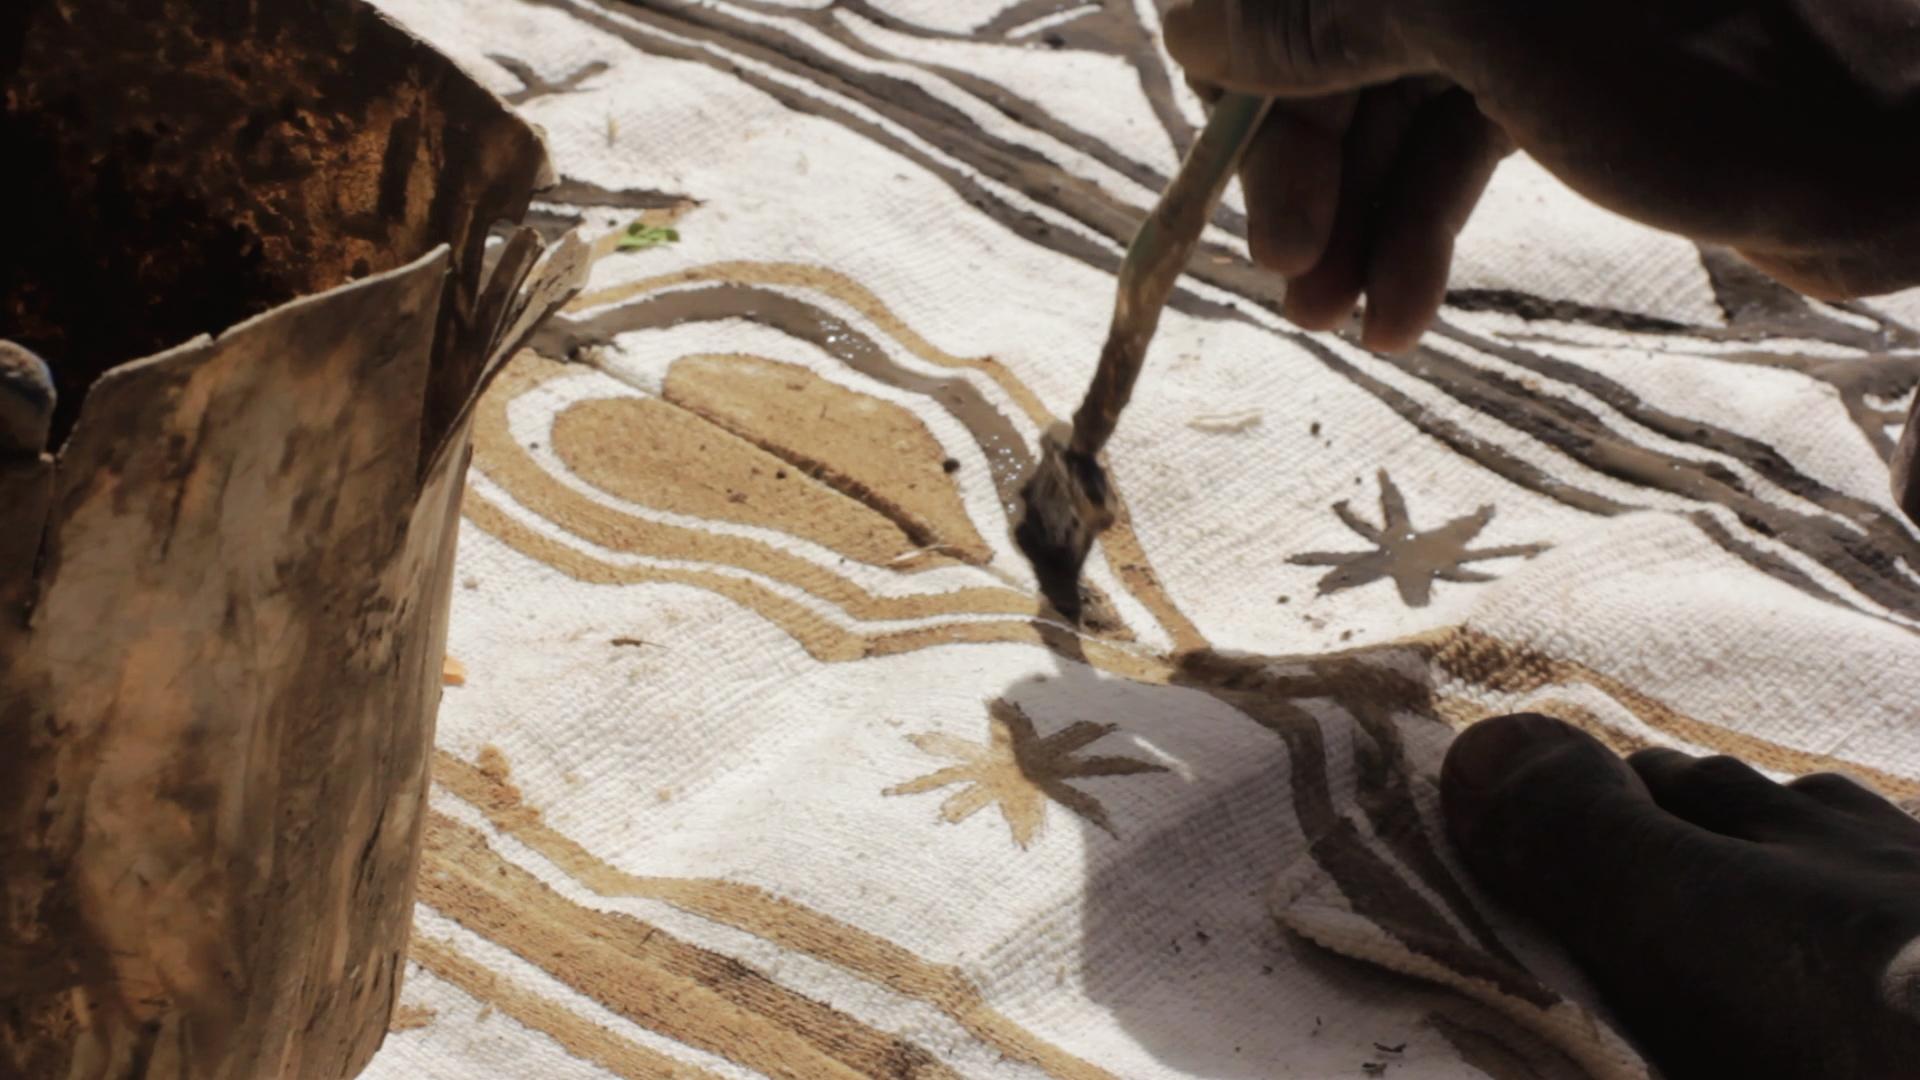 ende bogolan pablocaminante dogon - Malí 8, País Dogon V: moda, arte y religión